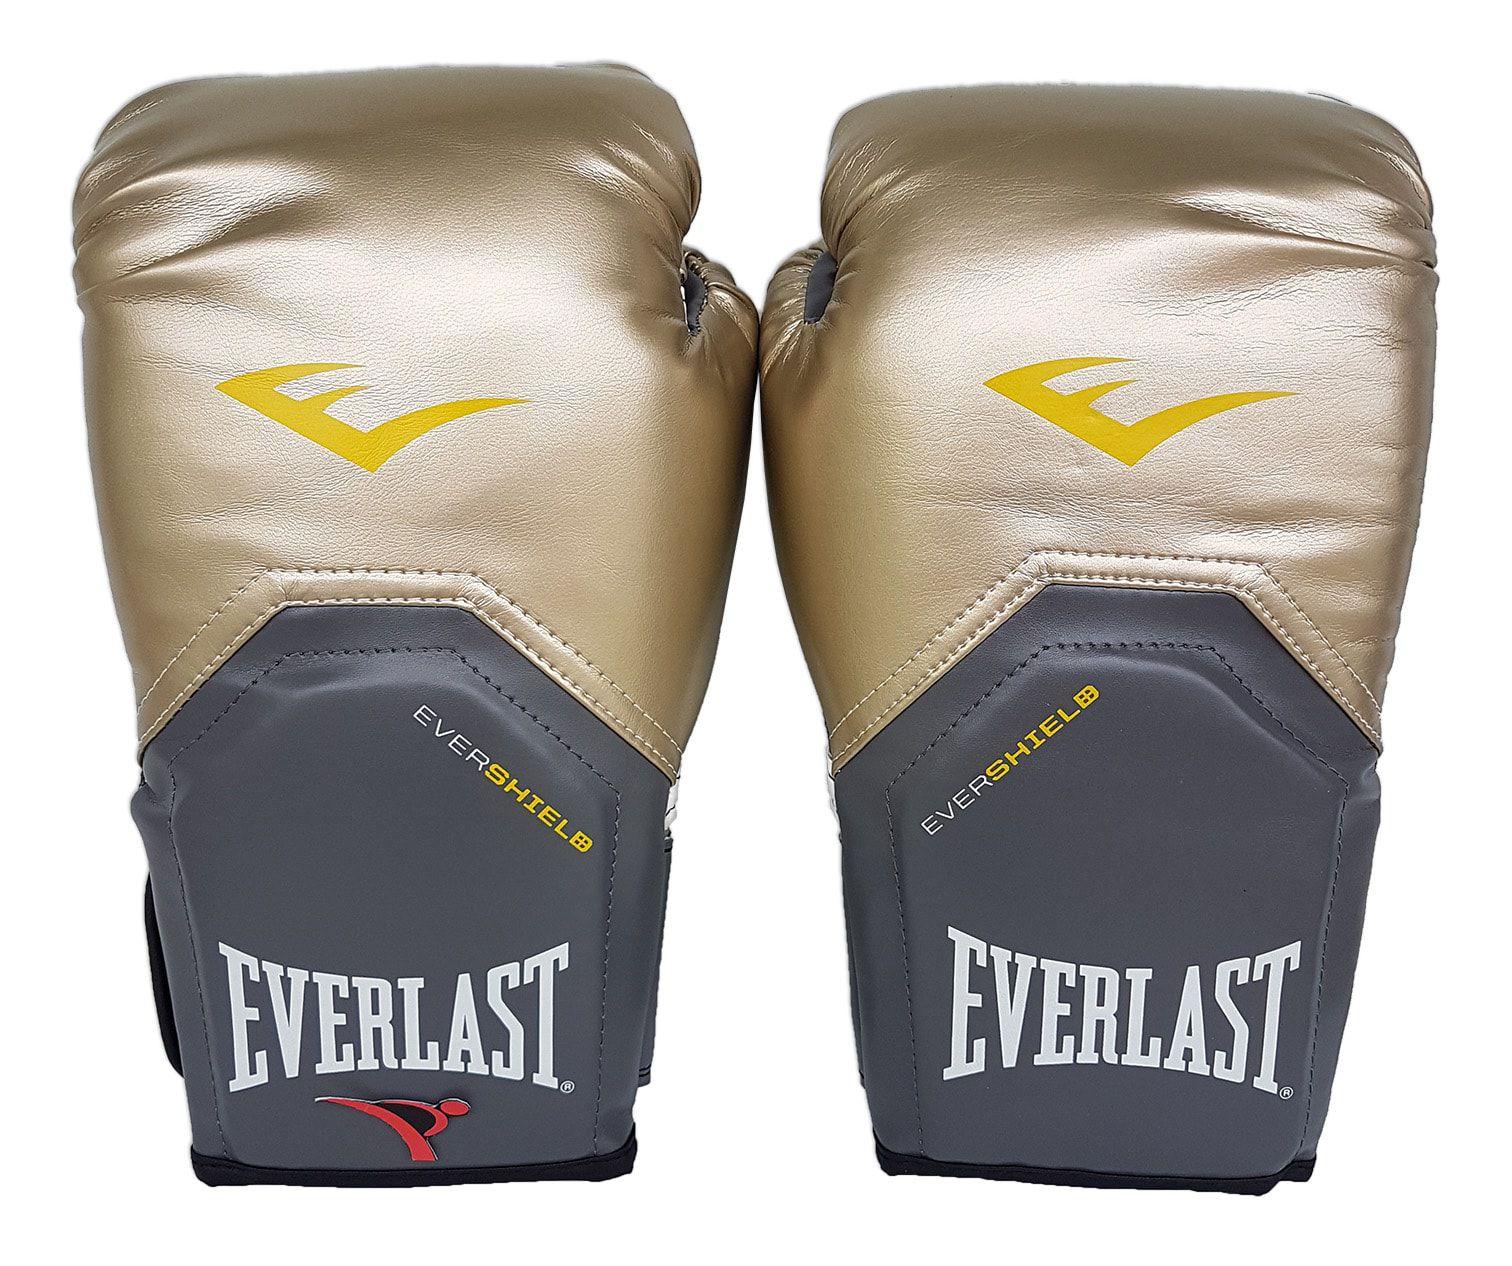 Luva de Boxe / Muay Thai 10oz - Dourado - Pro Style - Everlast  - PRALUTA SHOP